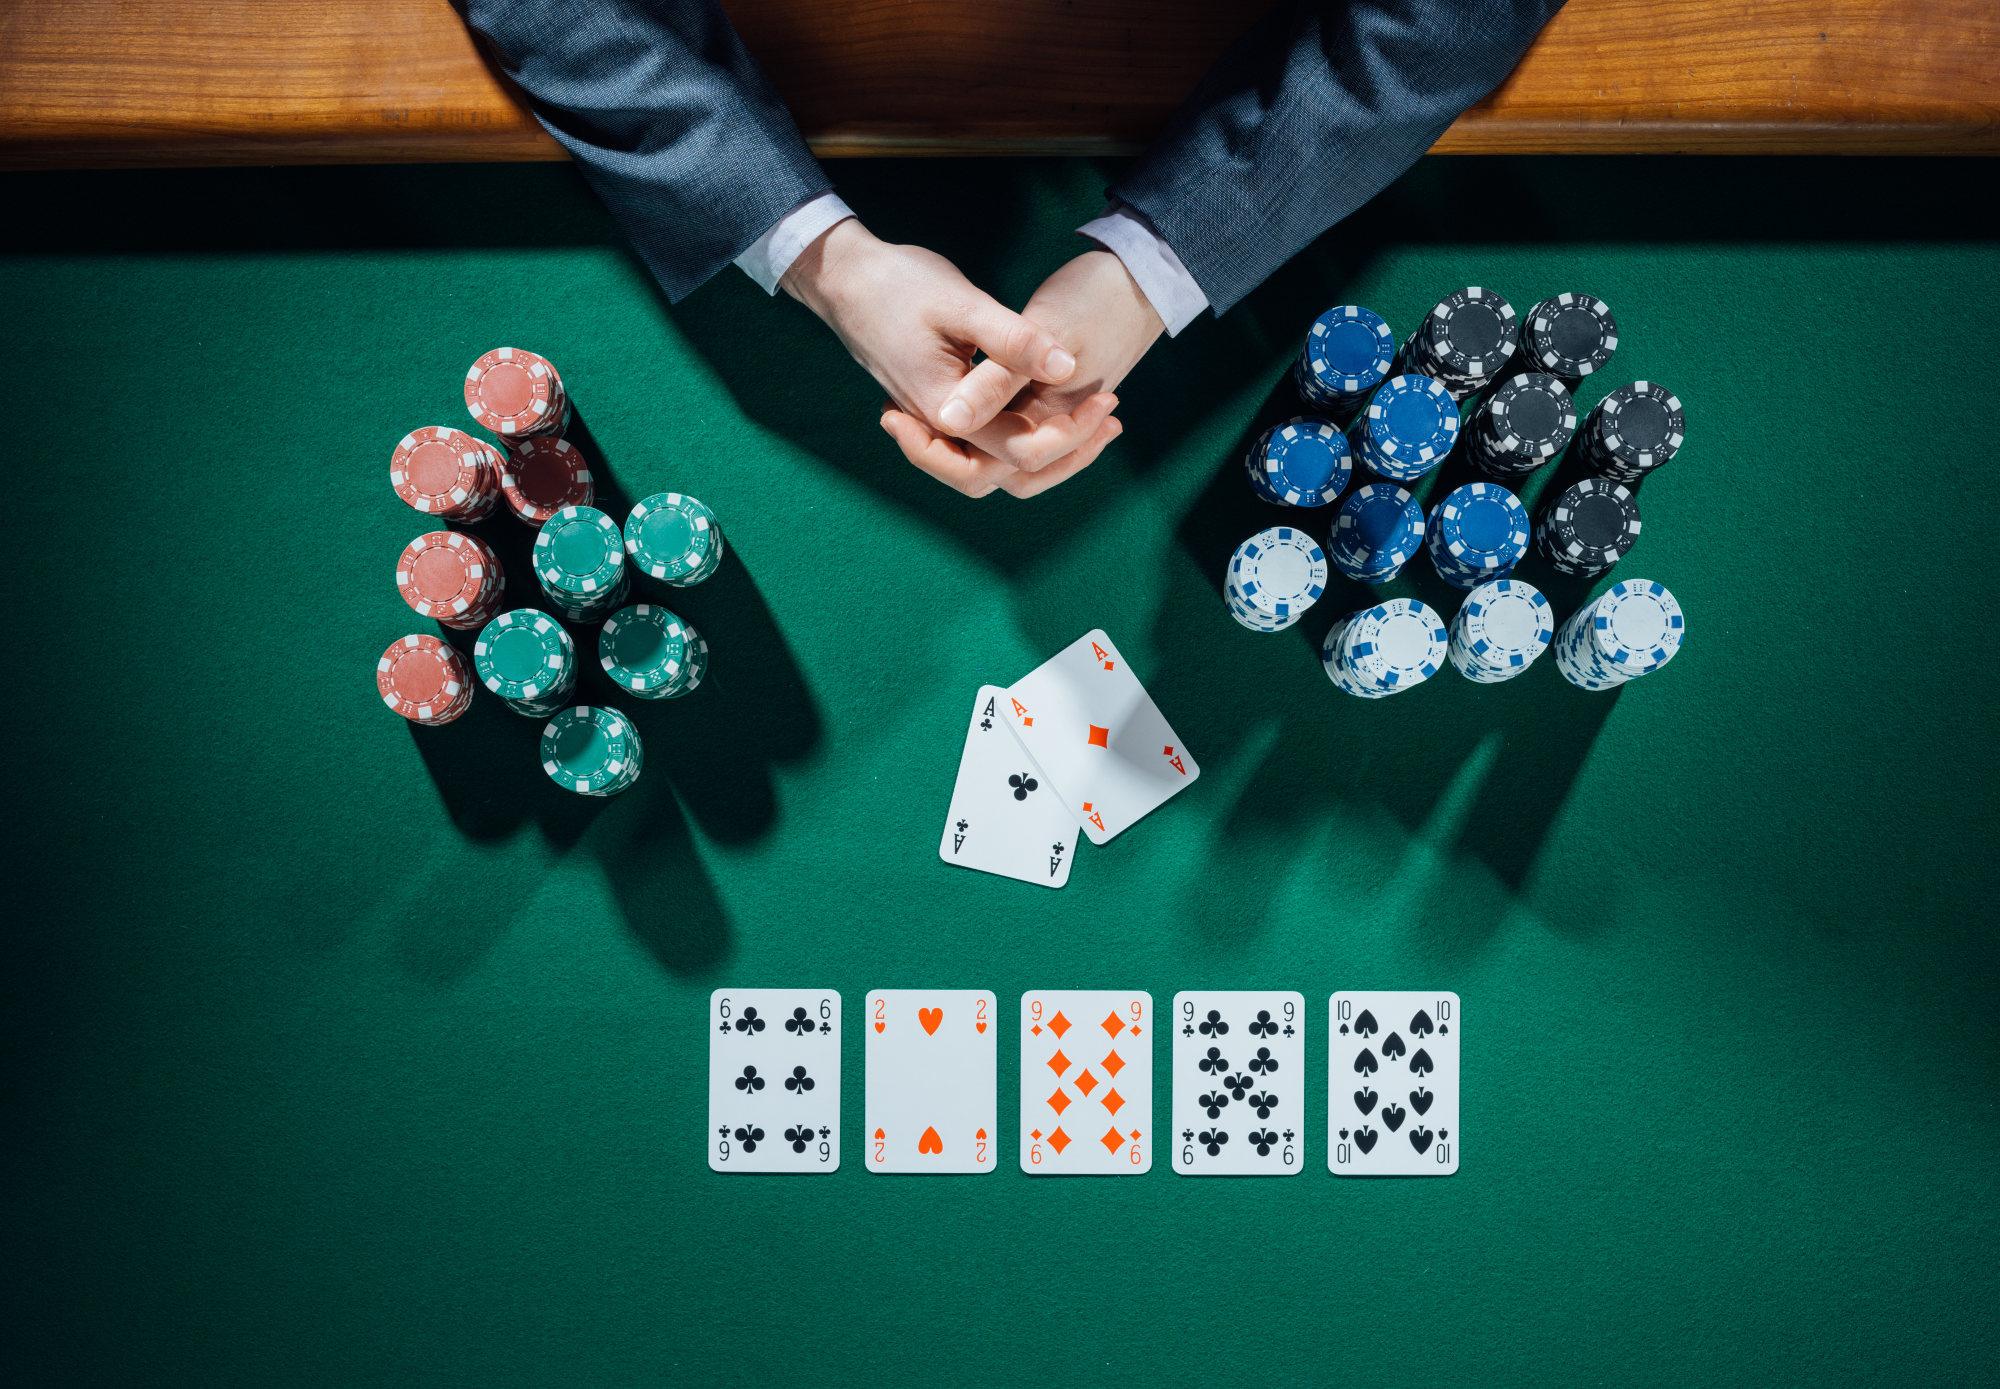 Game Uang Poker asli dapat dengan mudah diperoleh